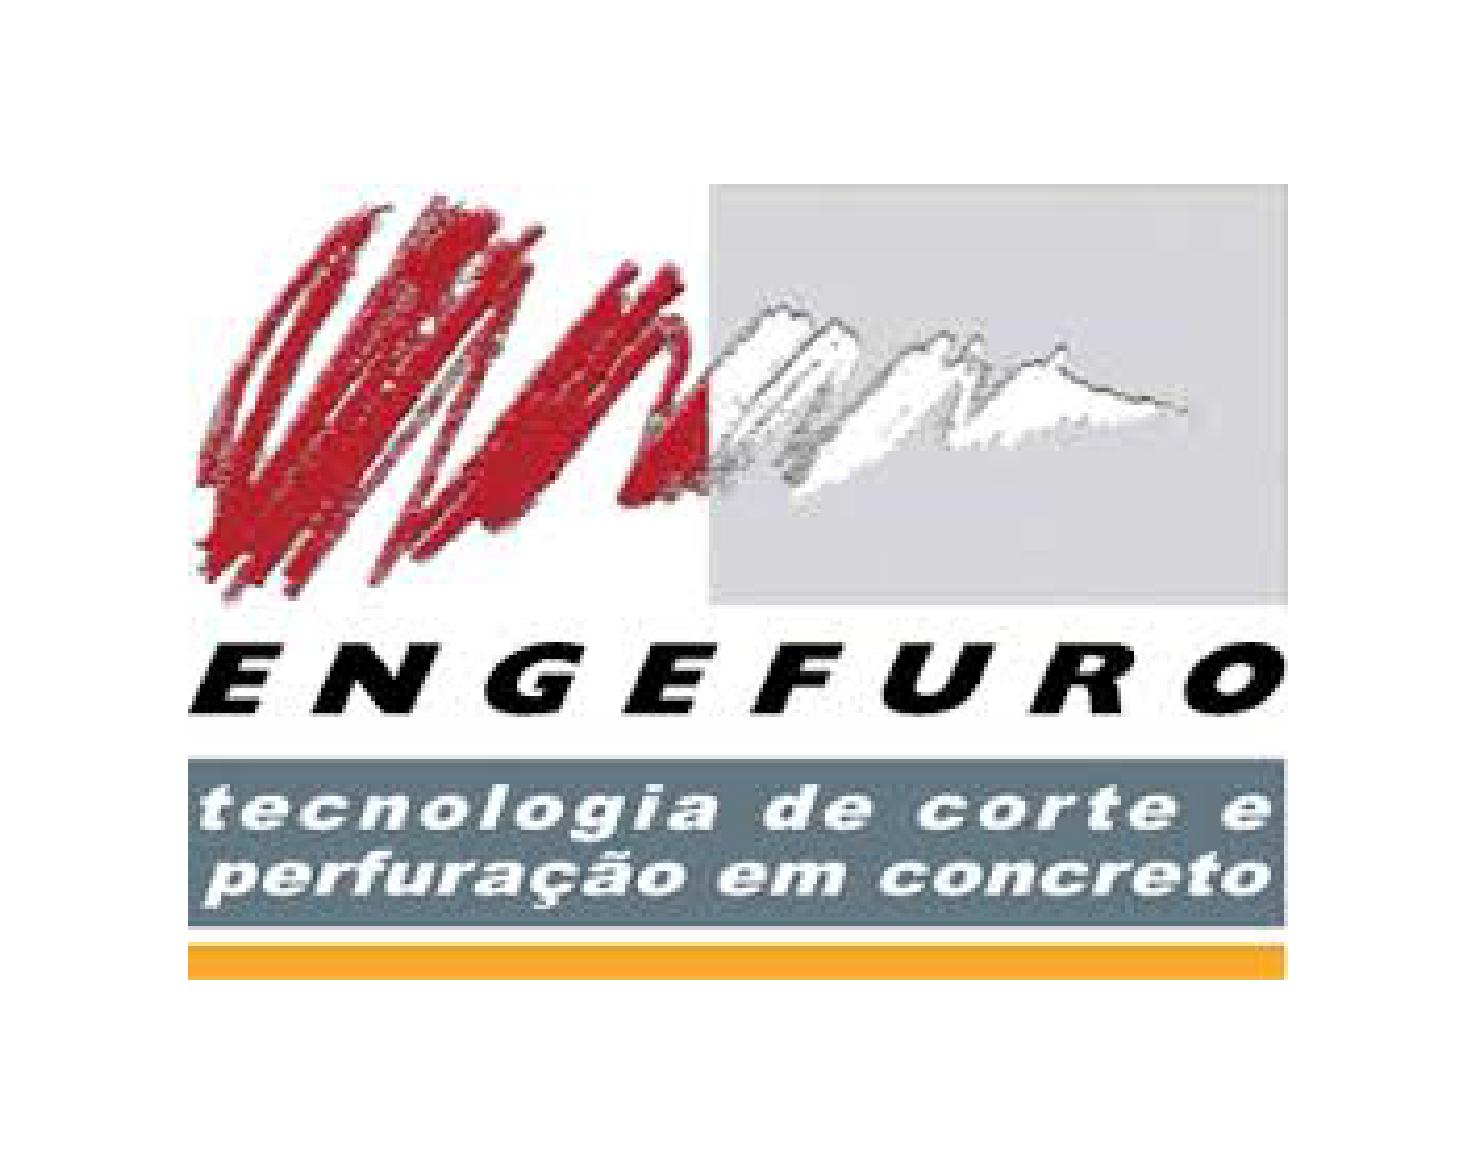 Tecnologia de corte e perfuração em concreto